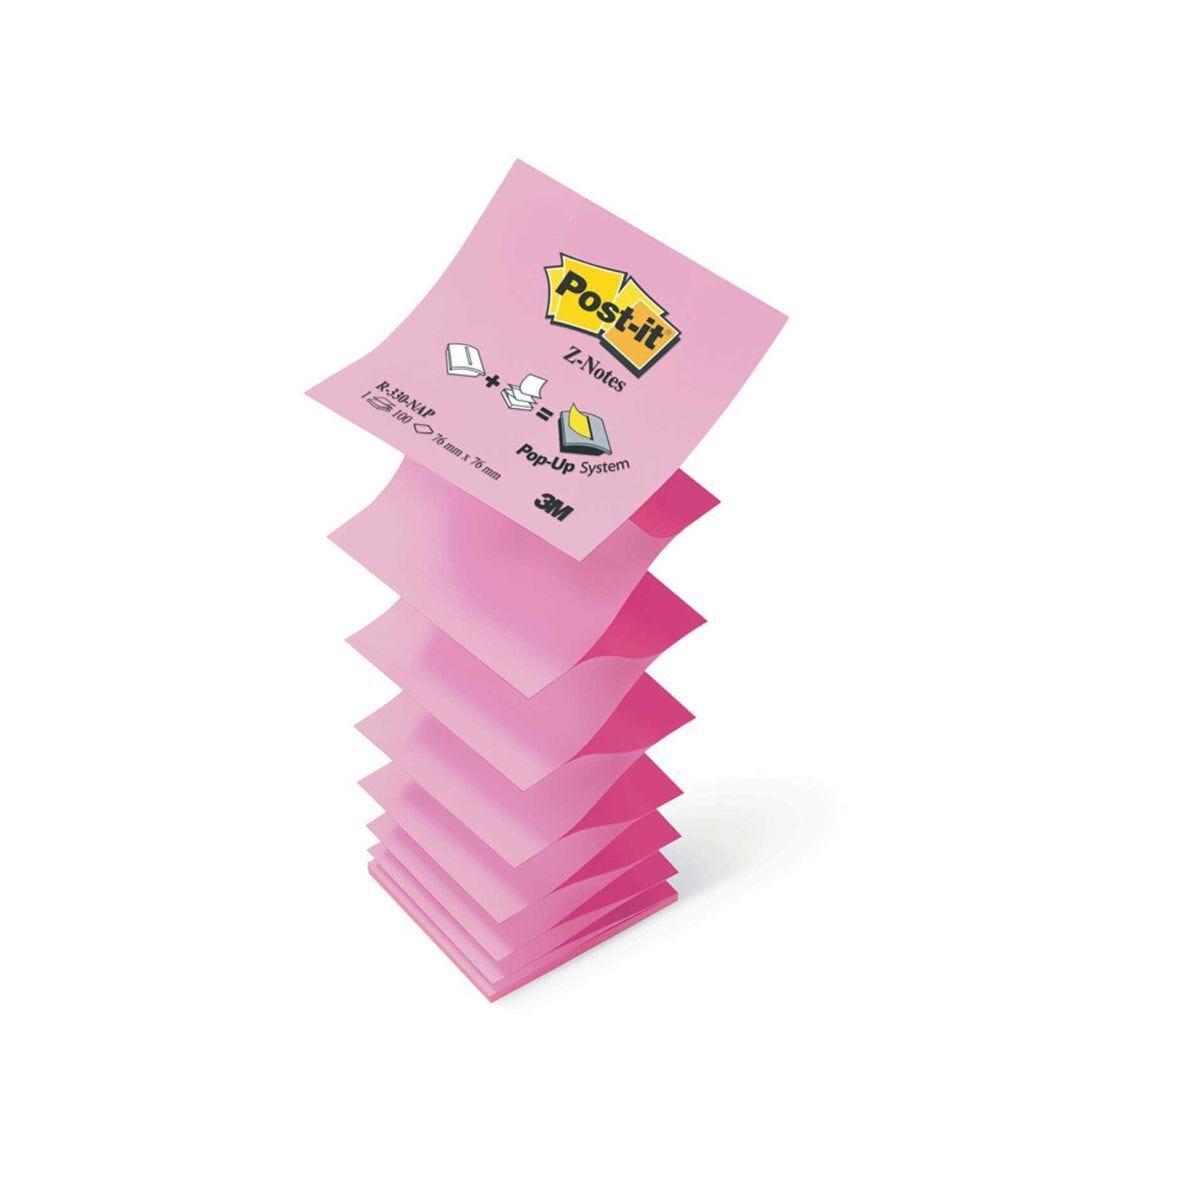 Post-It-Z-Note Dispenser Refill Pack